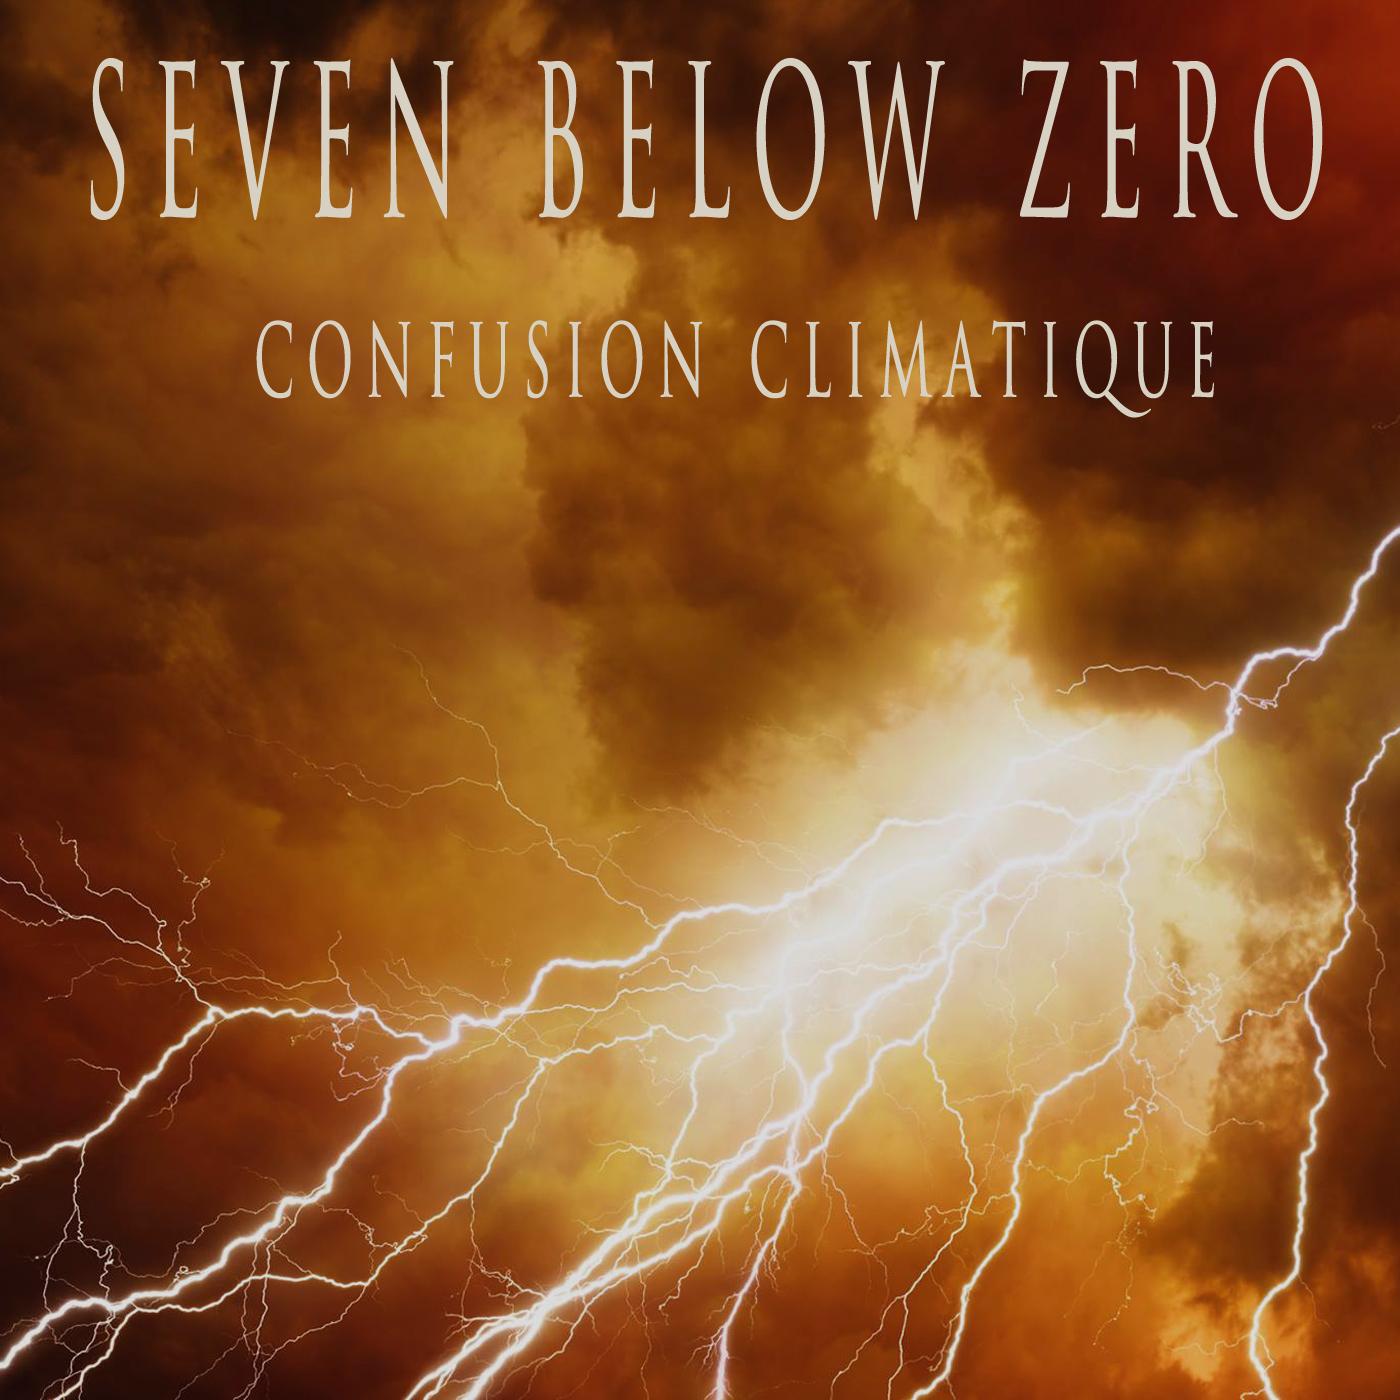 Confusion Climatique